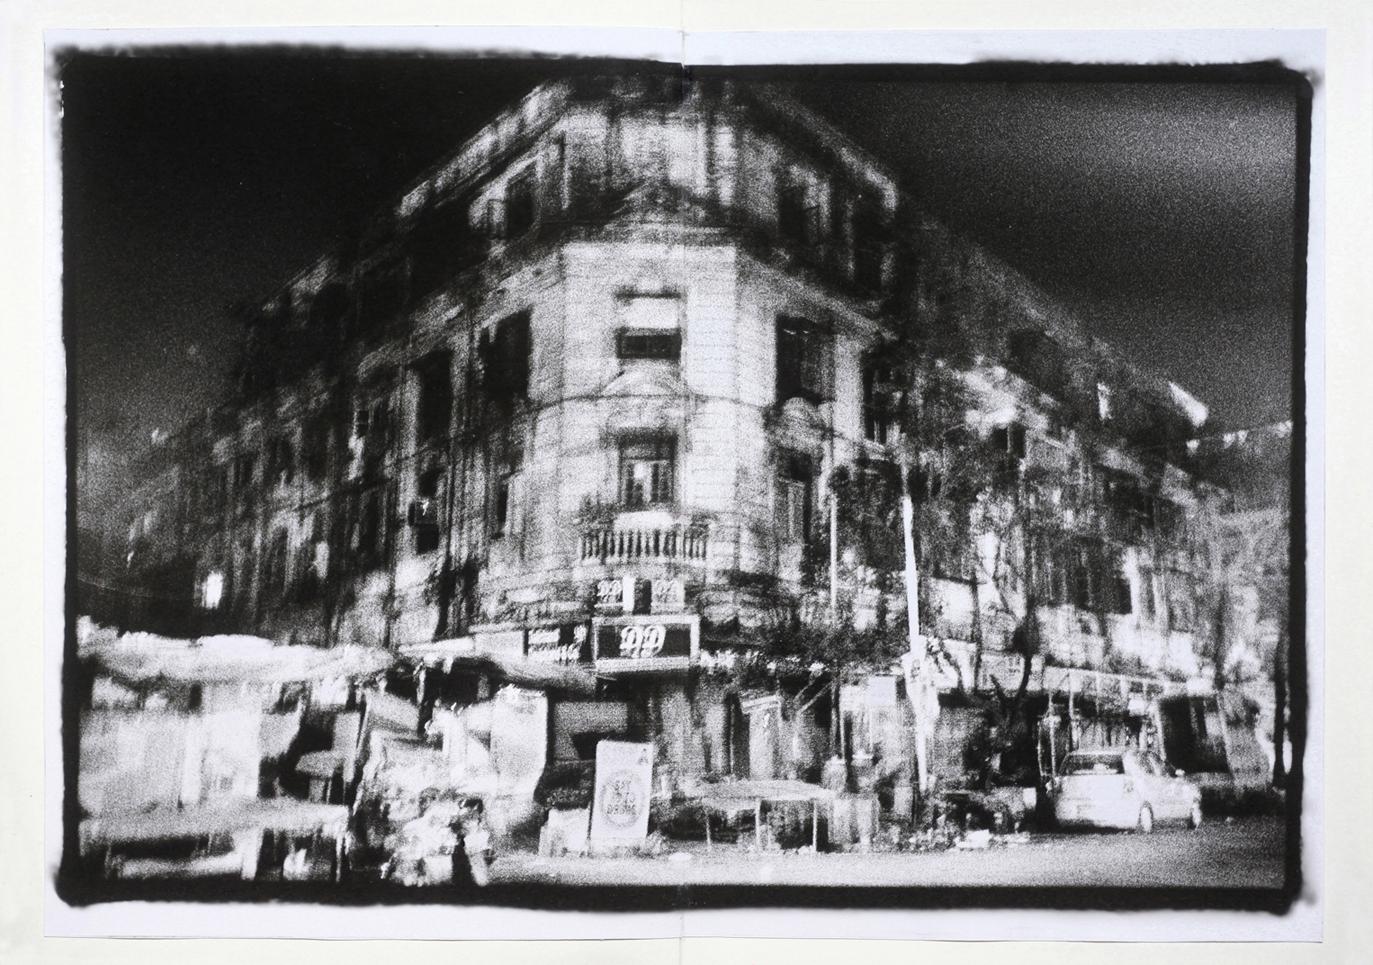 Paysage urbain la nuit dans le quartier de Null Bazar de Bombay la nuit